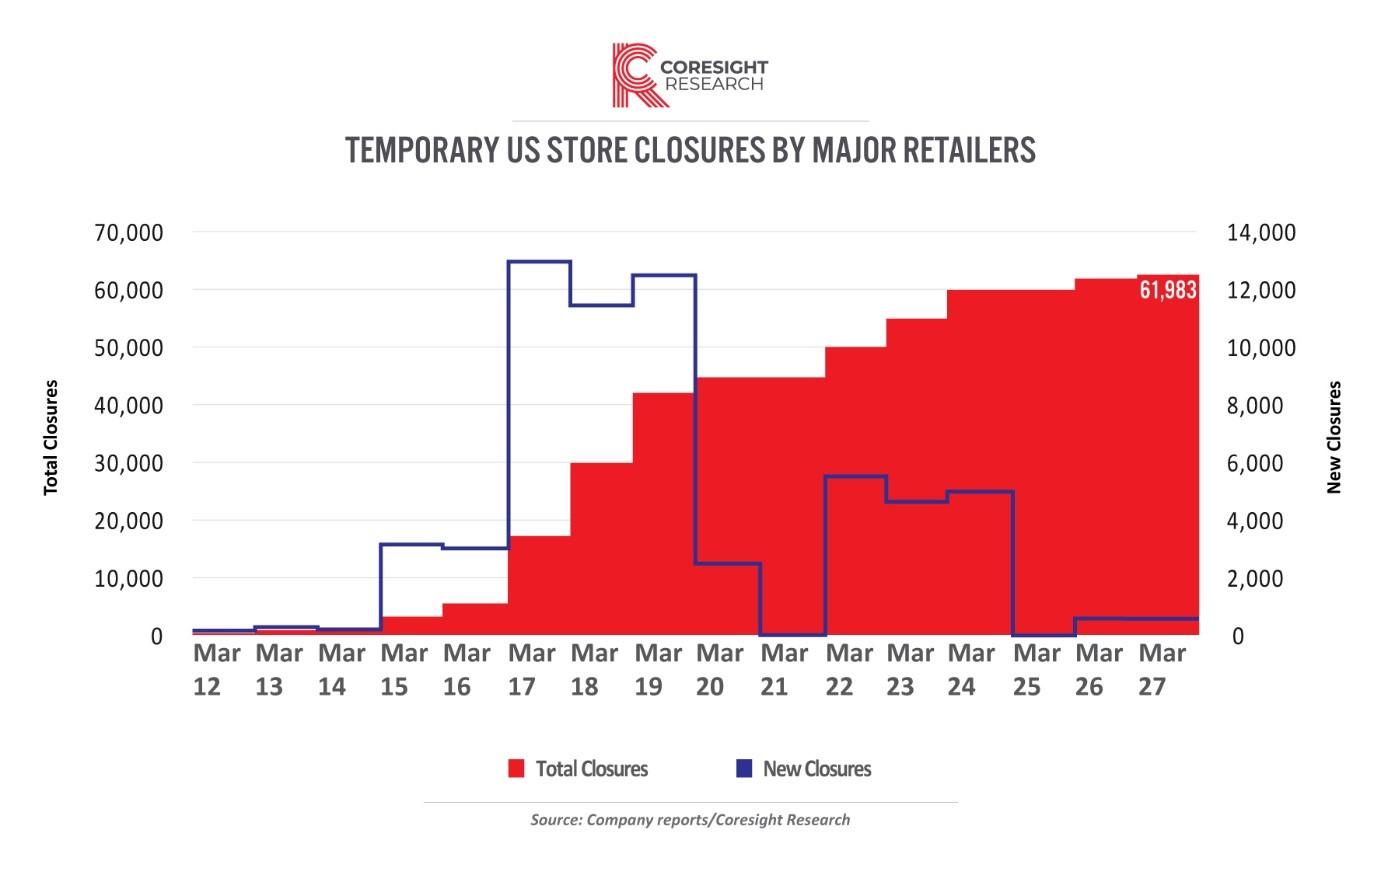 Coronavirus Temporary US Store Closures